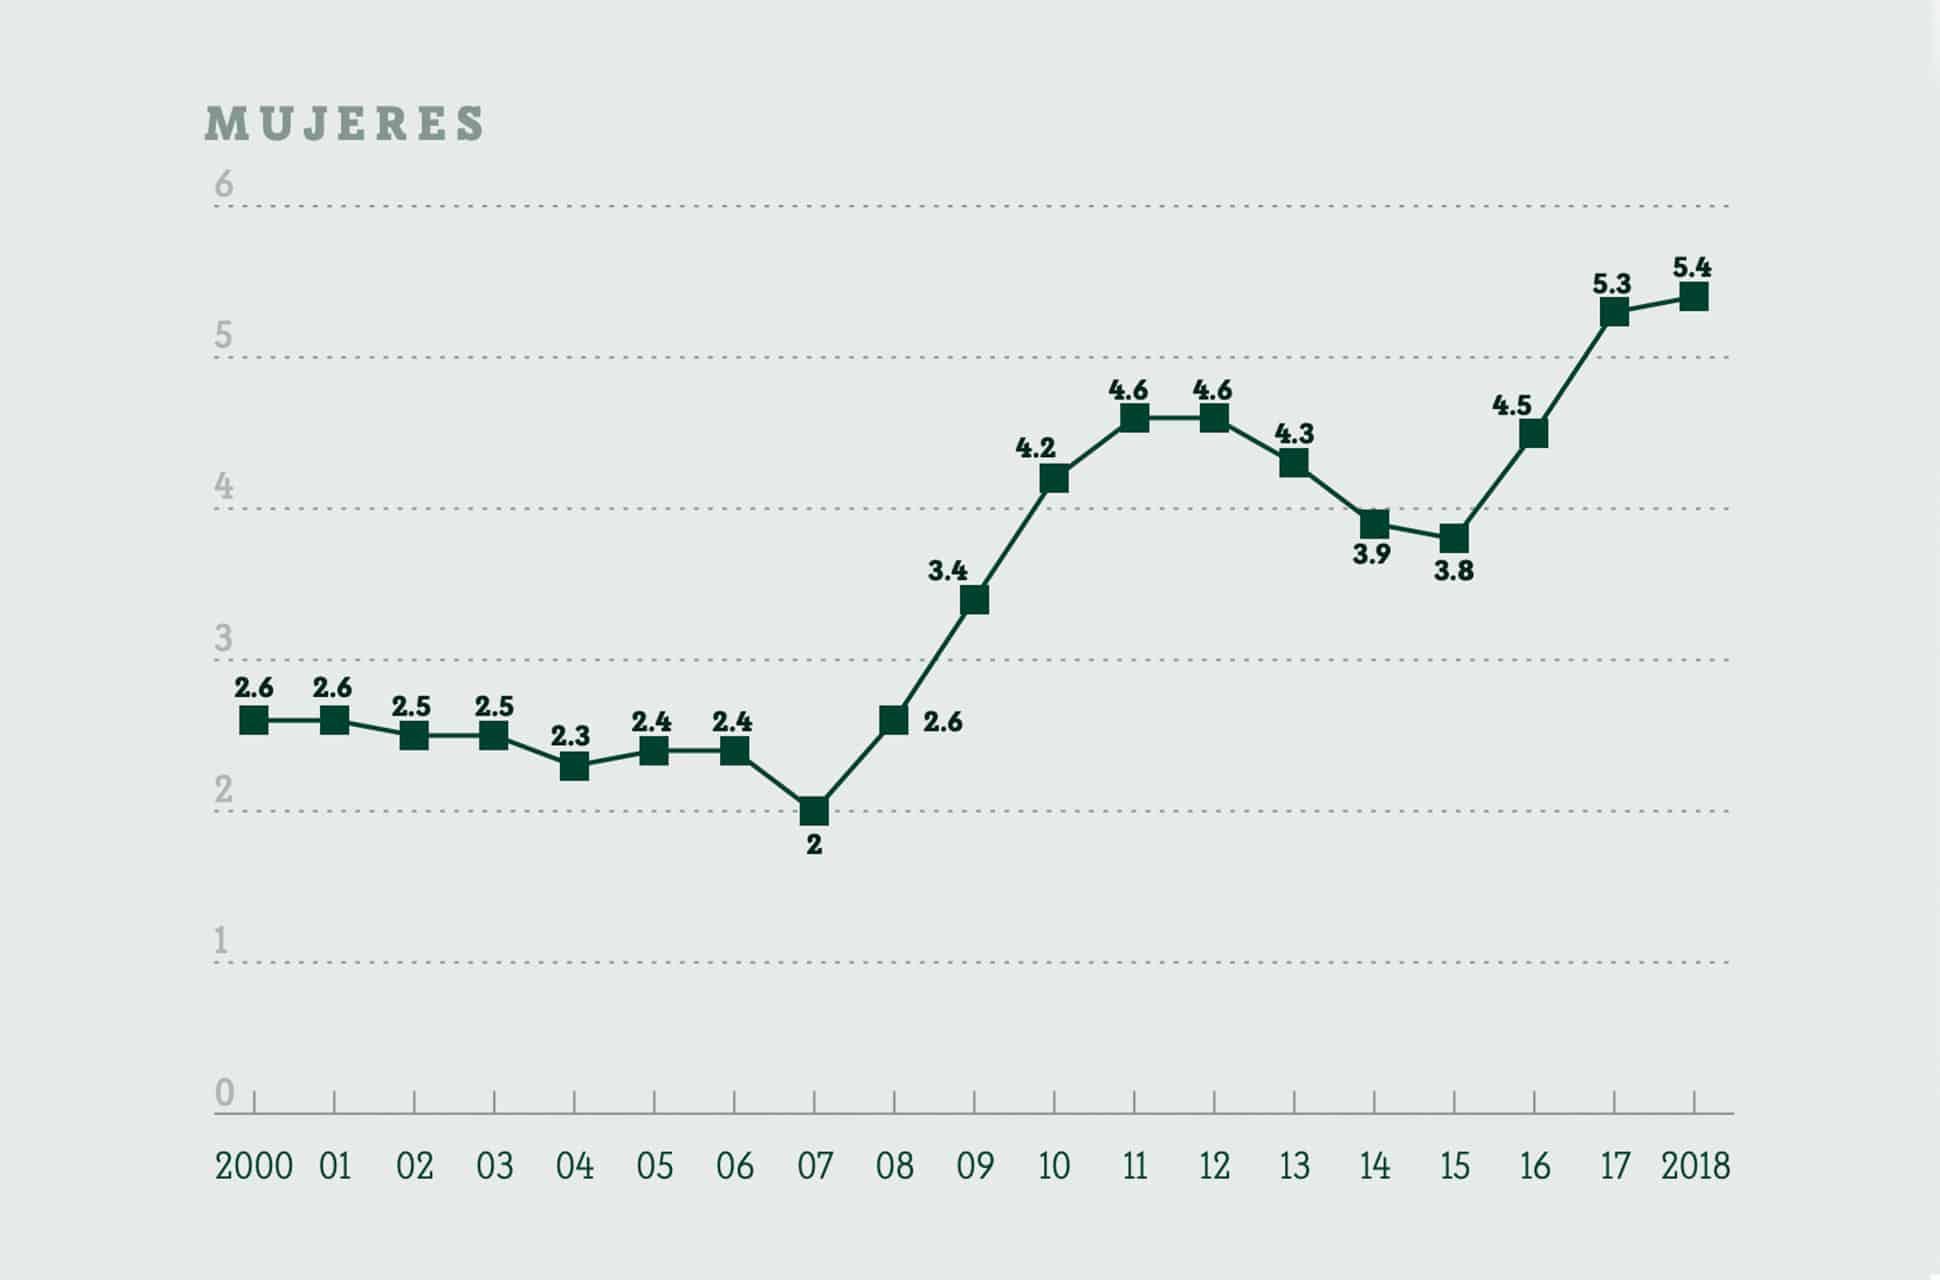 homicidios de mujeres en mexicofondo semillas